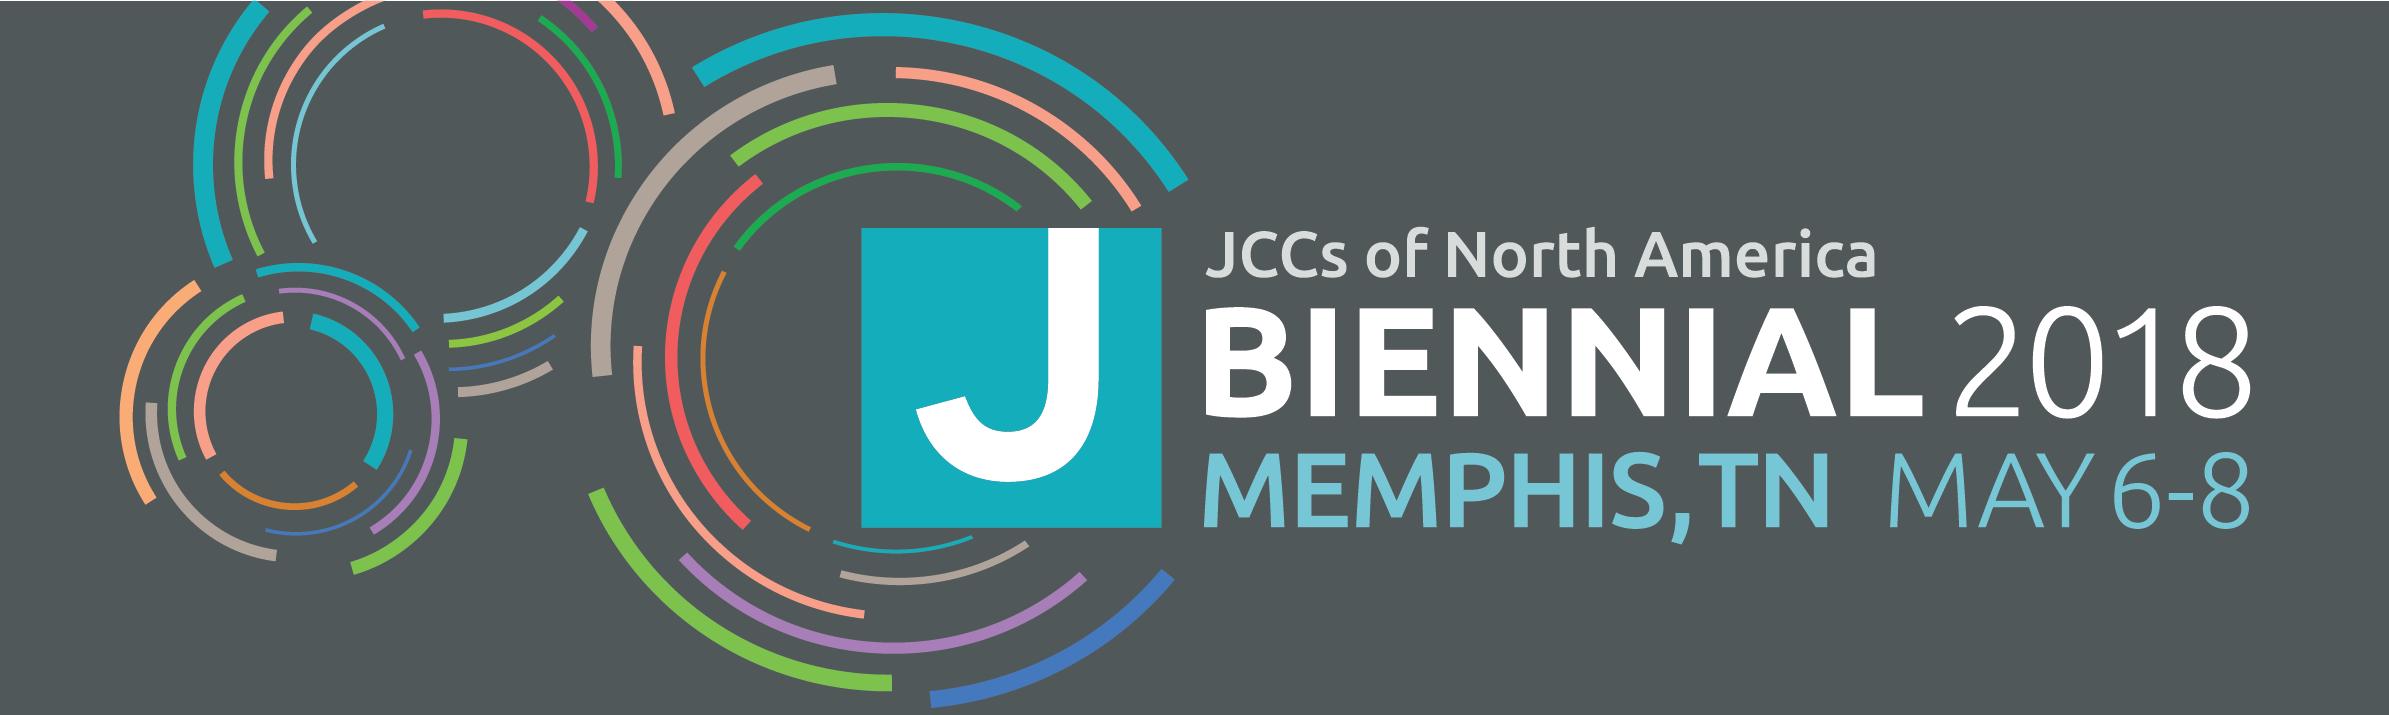 2018 JCC Association Biennial